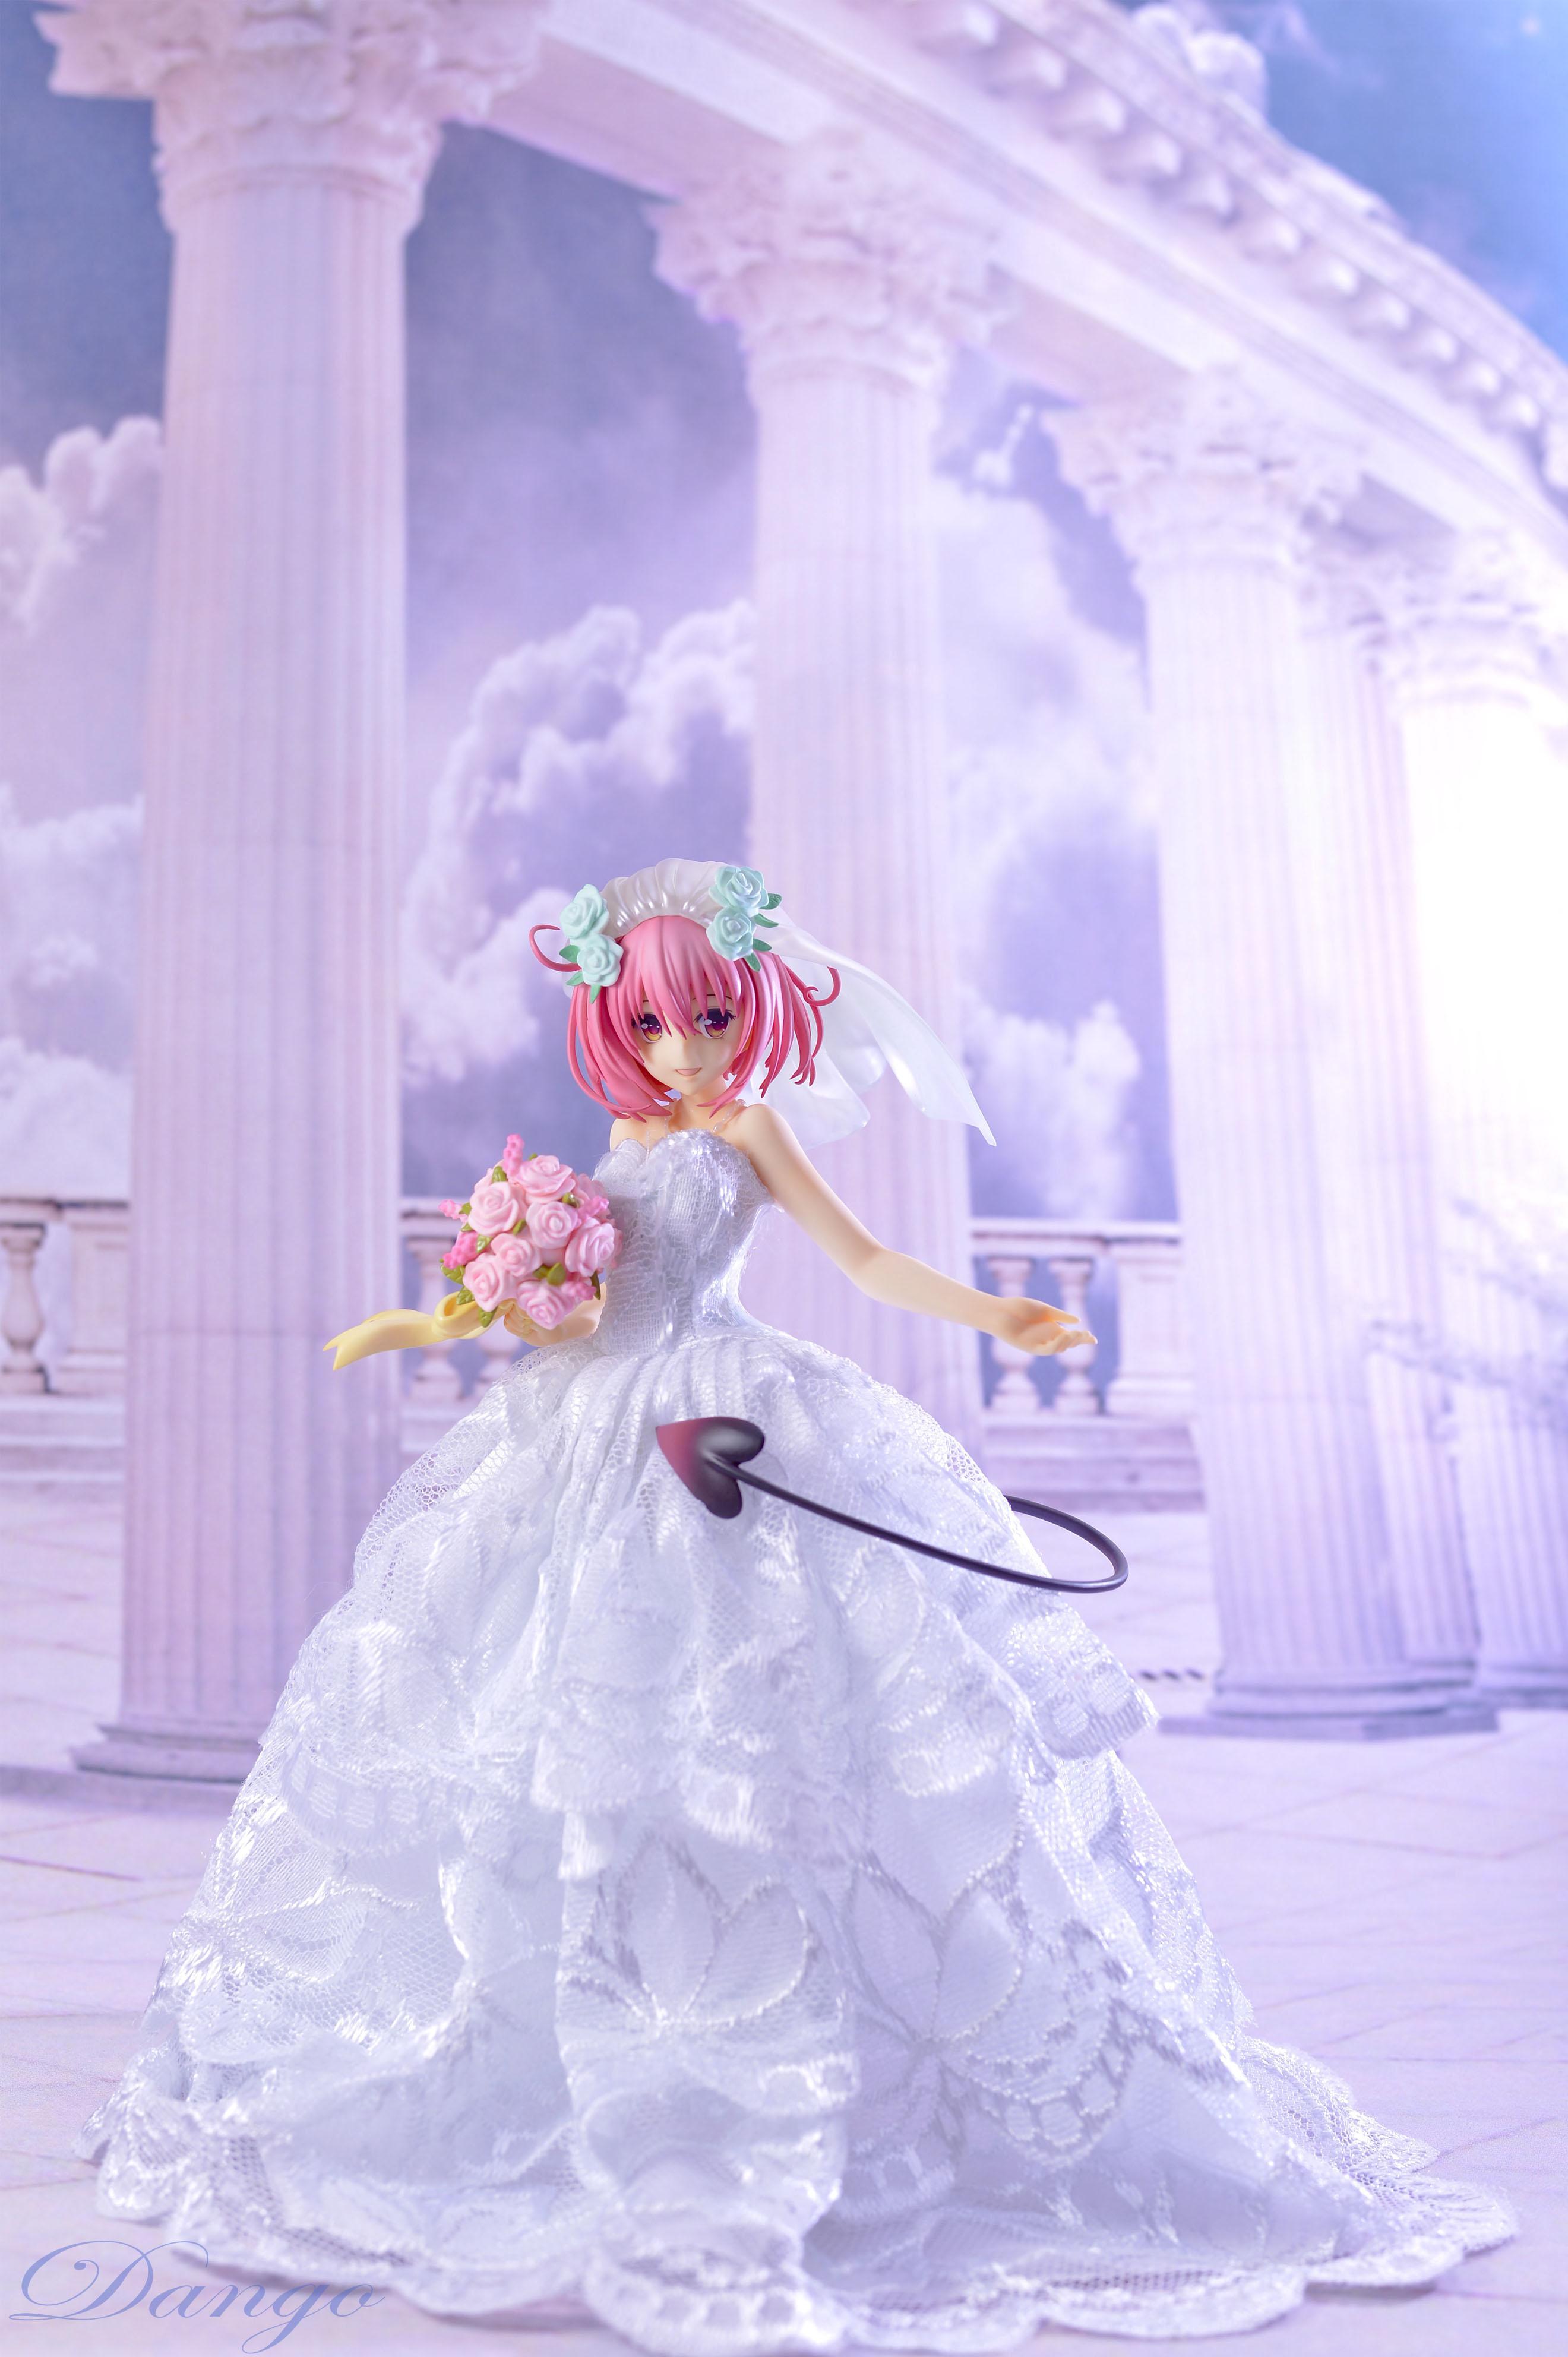 max_factory nakayaman momo_belia_deviluke yabuki_kentarou to_loveru_darkness